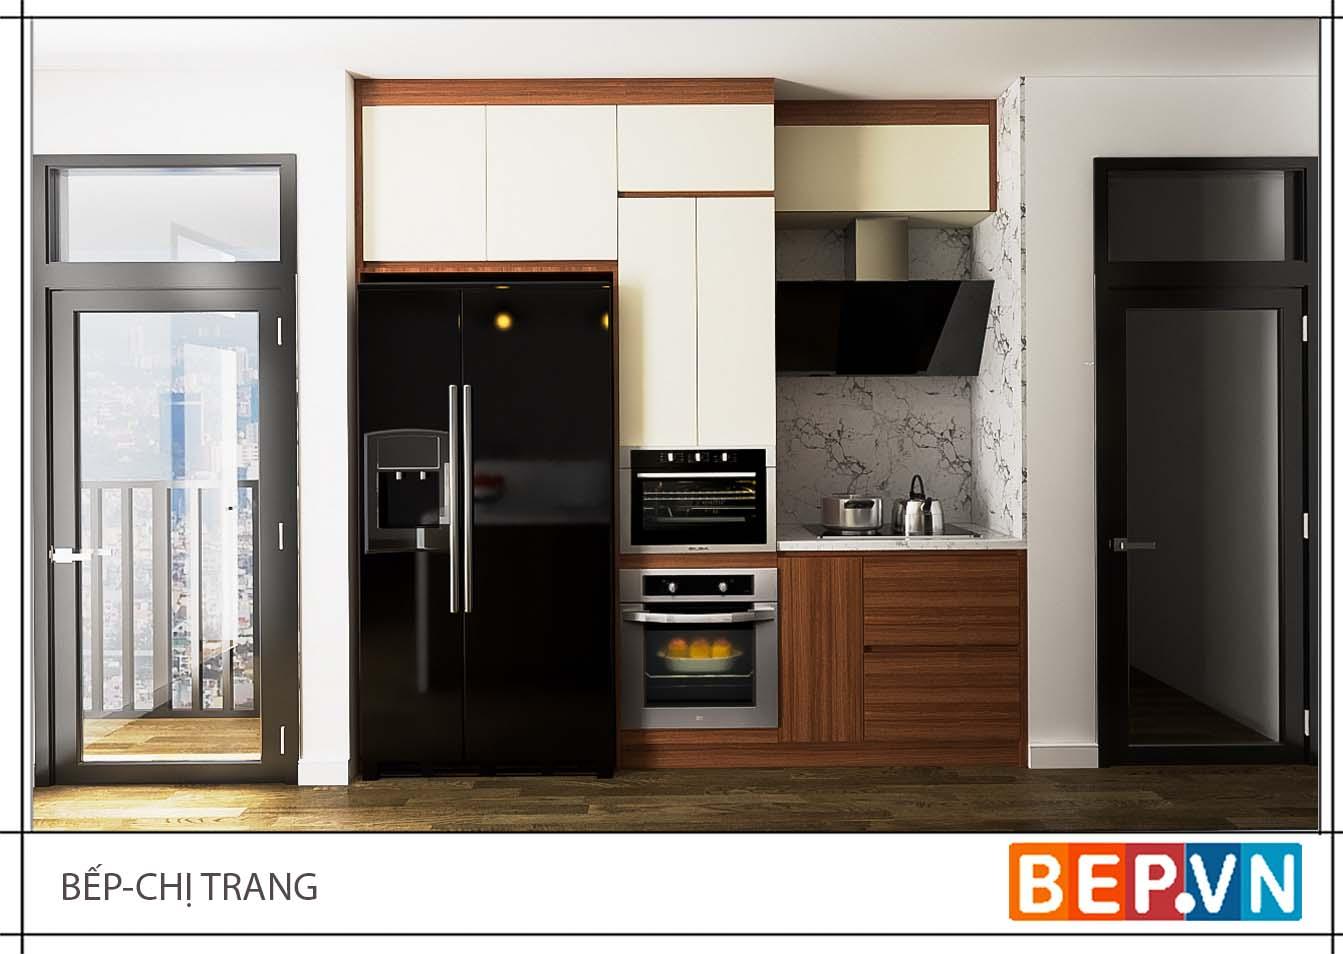 Thiết kế tủ bếp Laminate gia đình chị Trang.